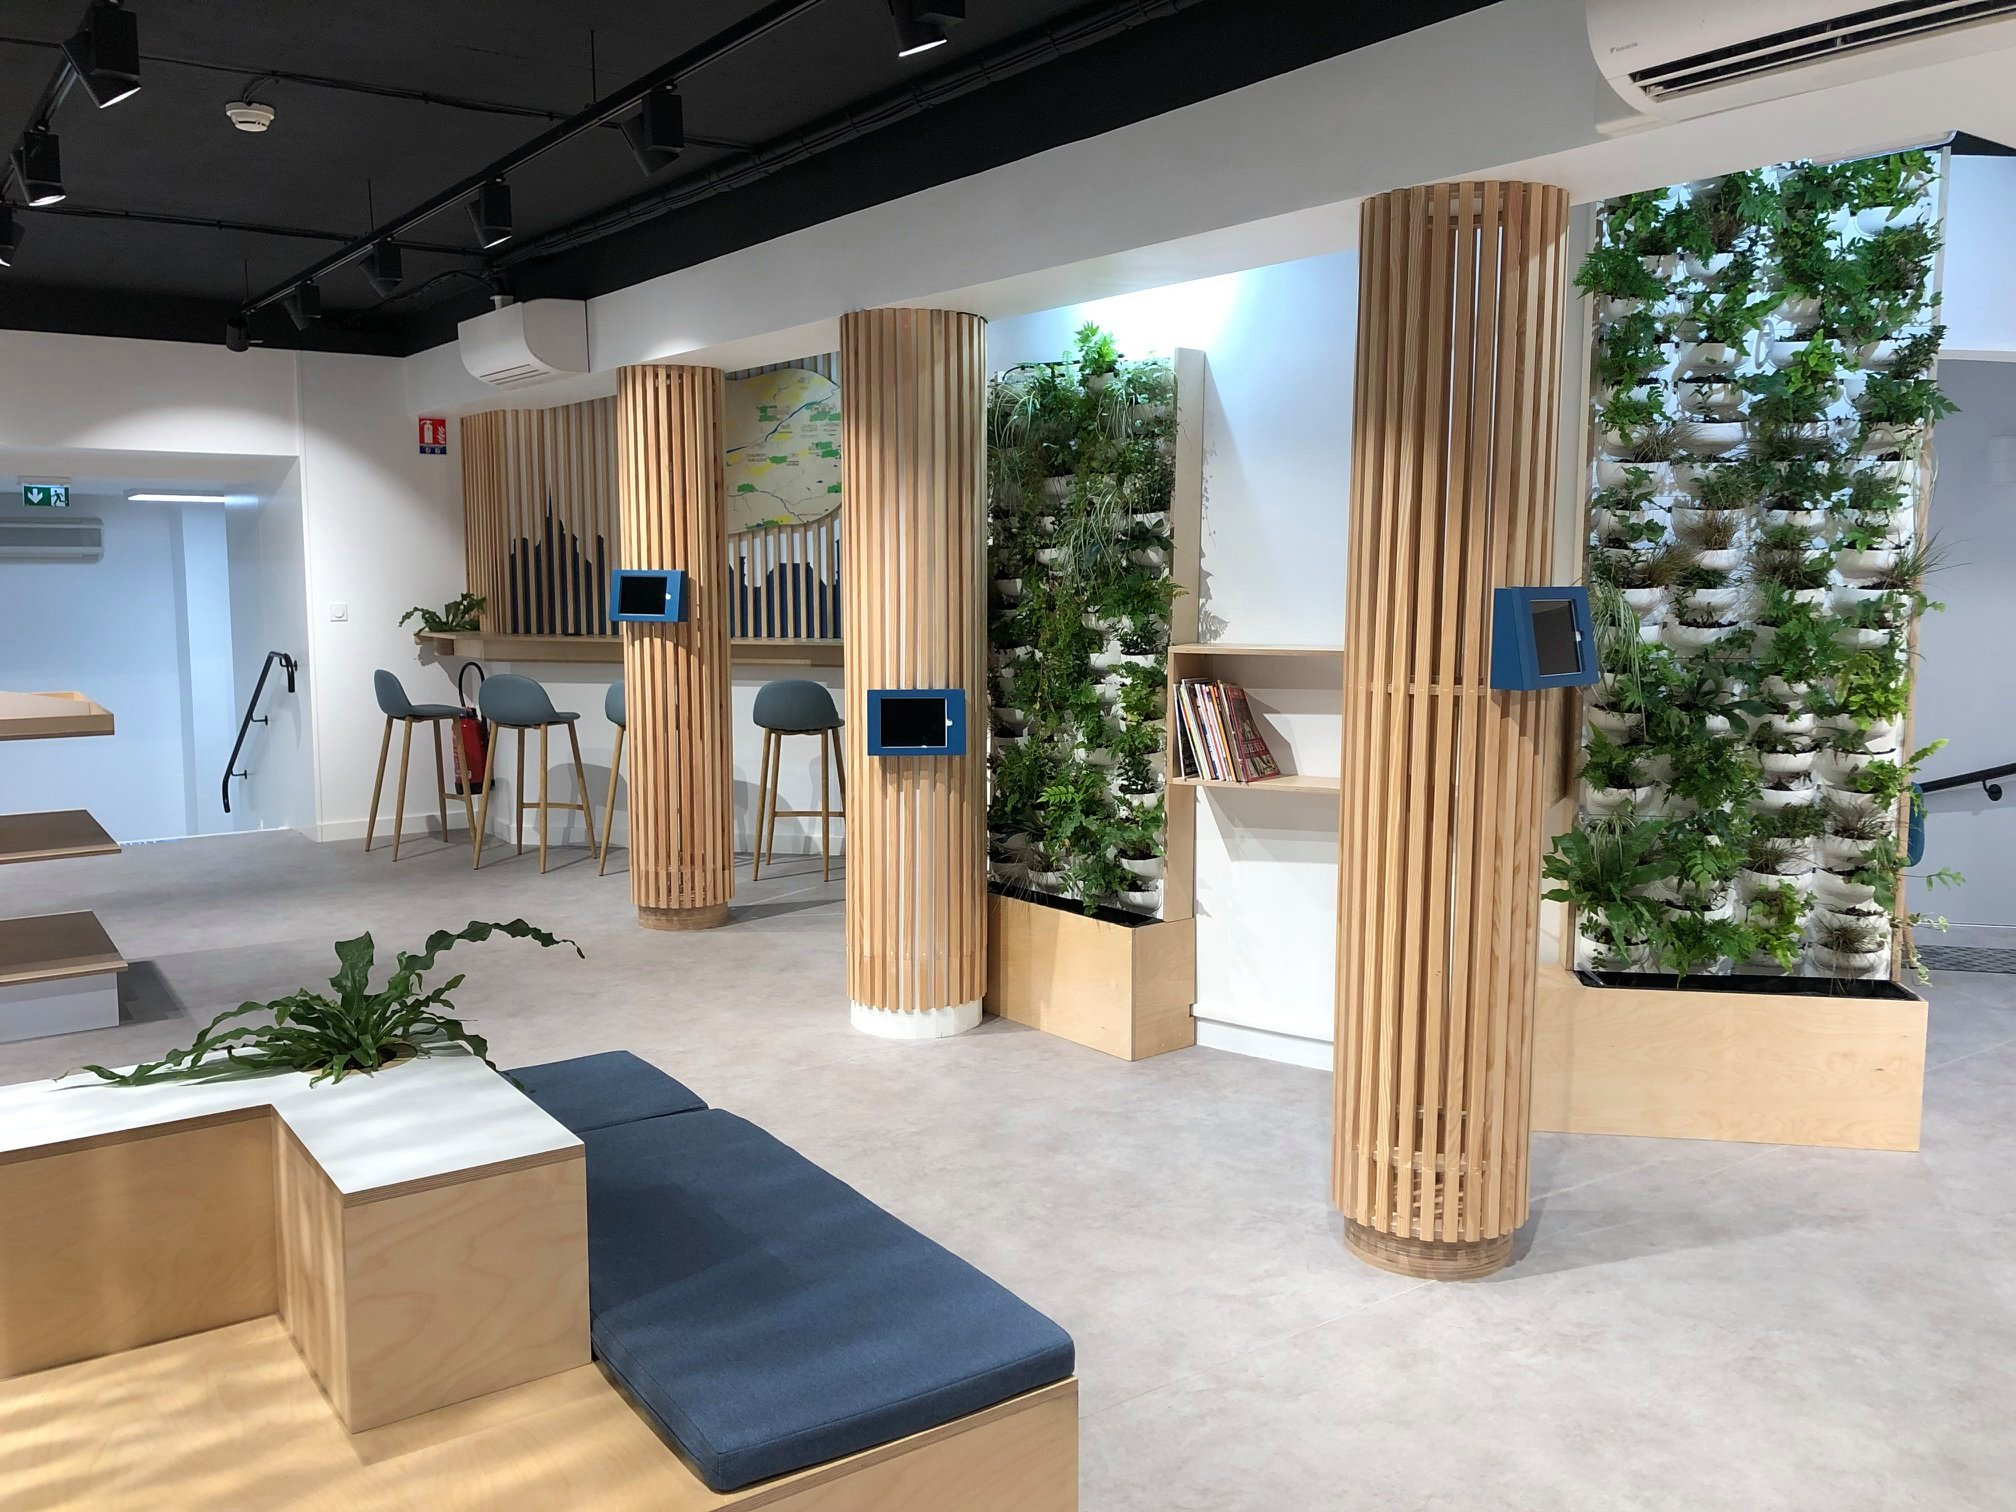 Office de Tourisme Blois-Chambord Studio Trigone